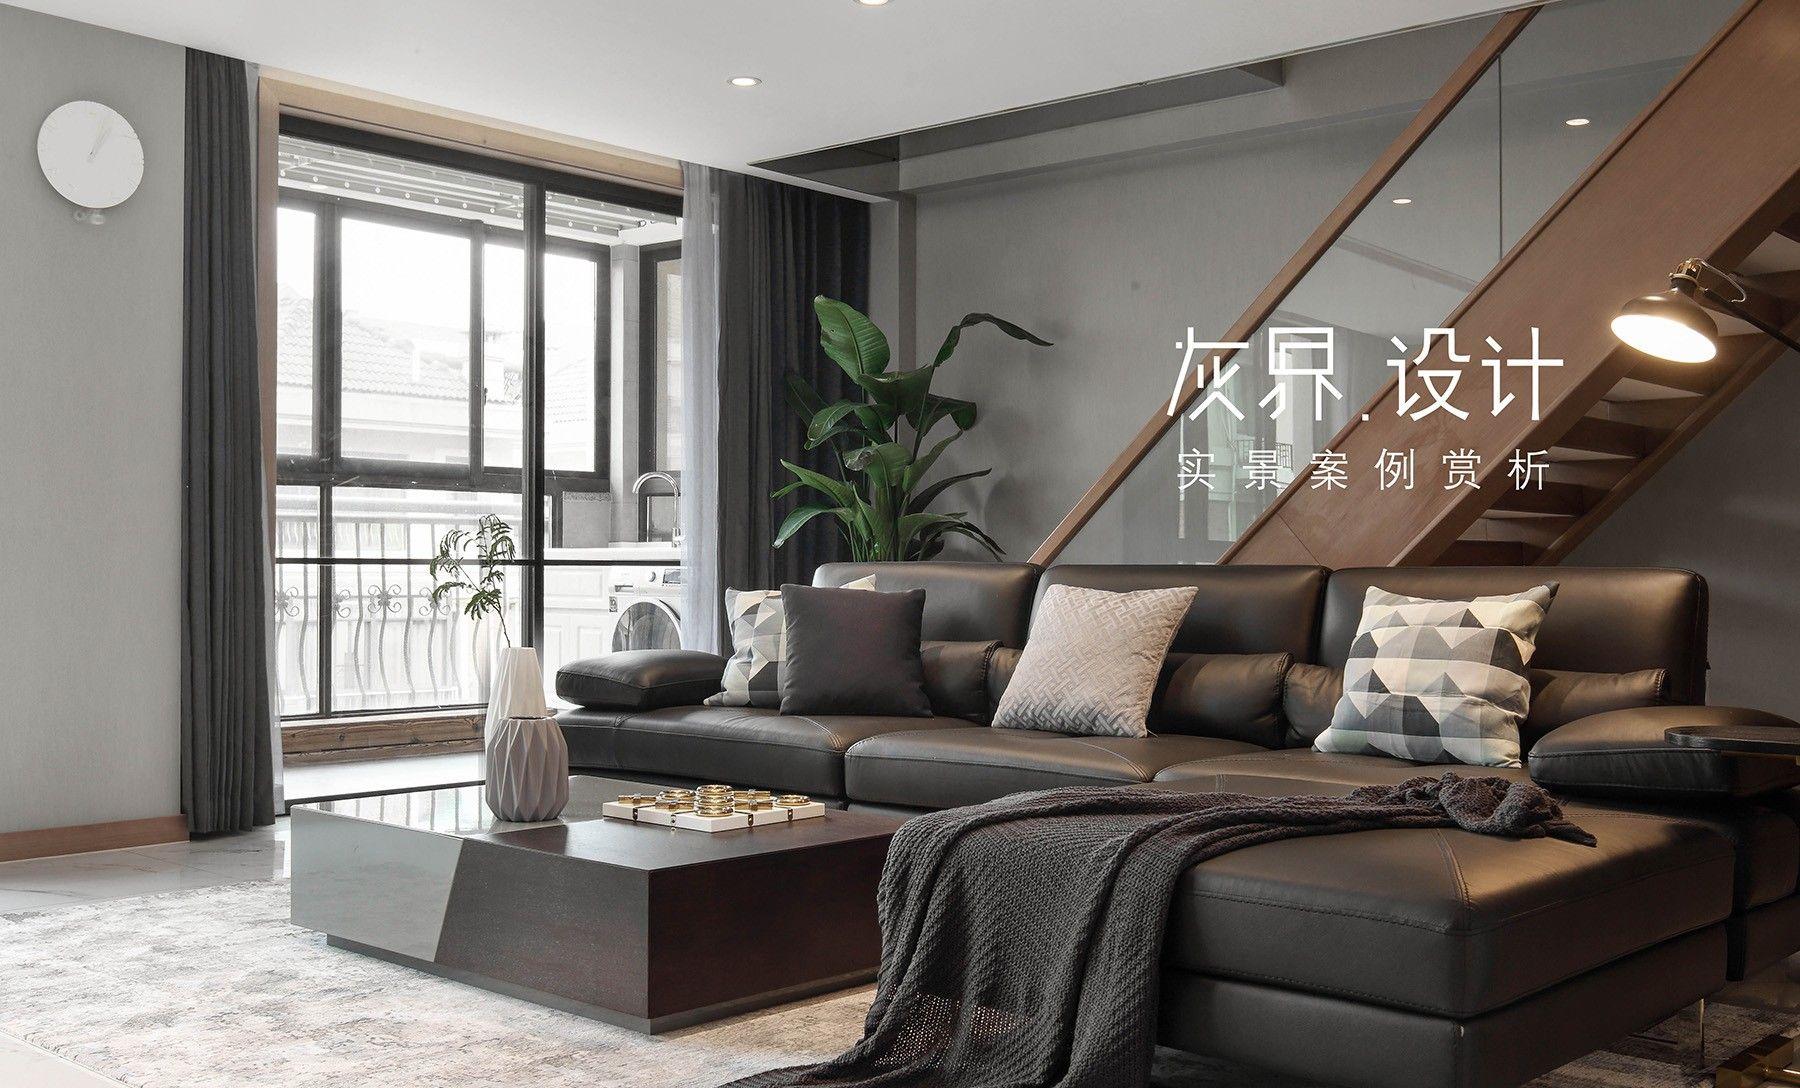 244㎡现代简约,一个有个性的住宅,气质素净沉稳